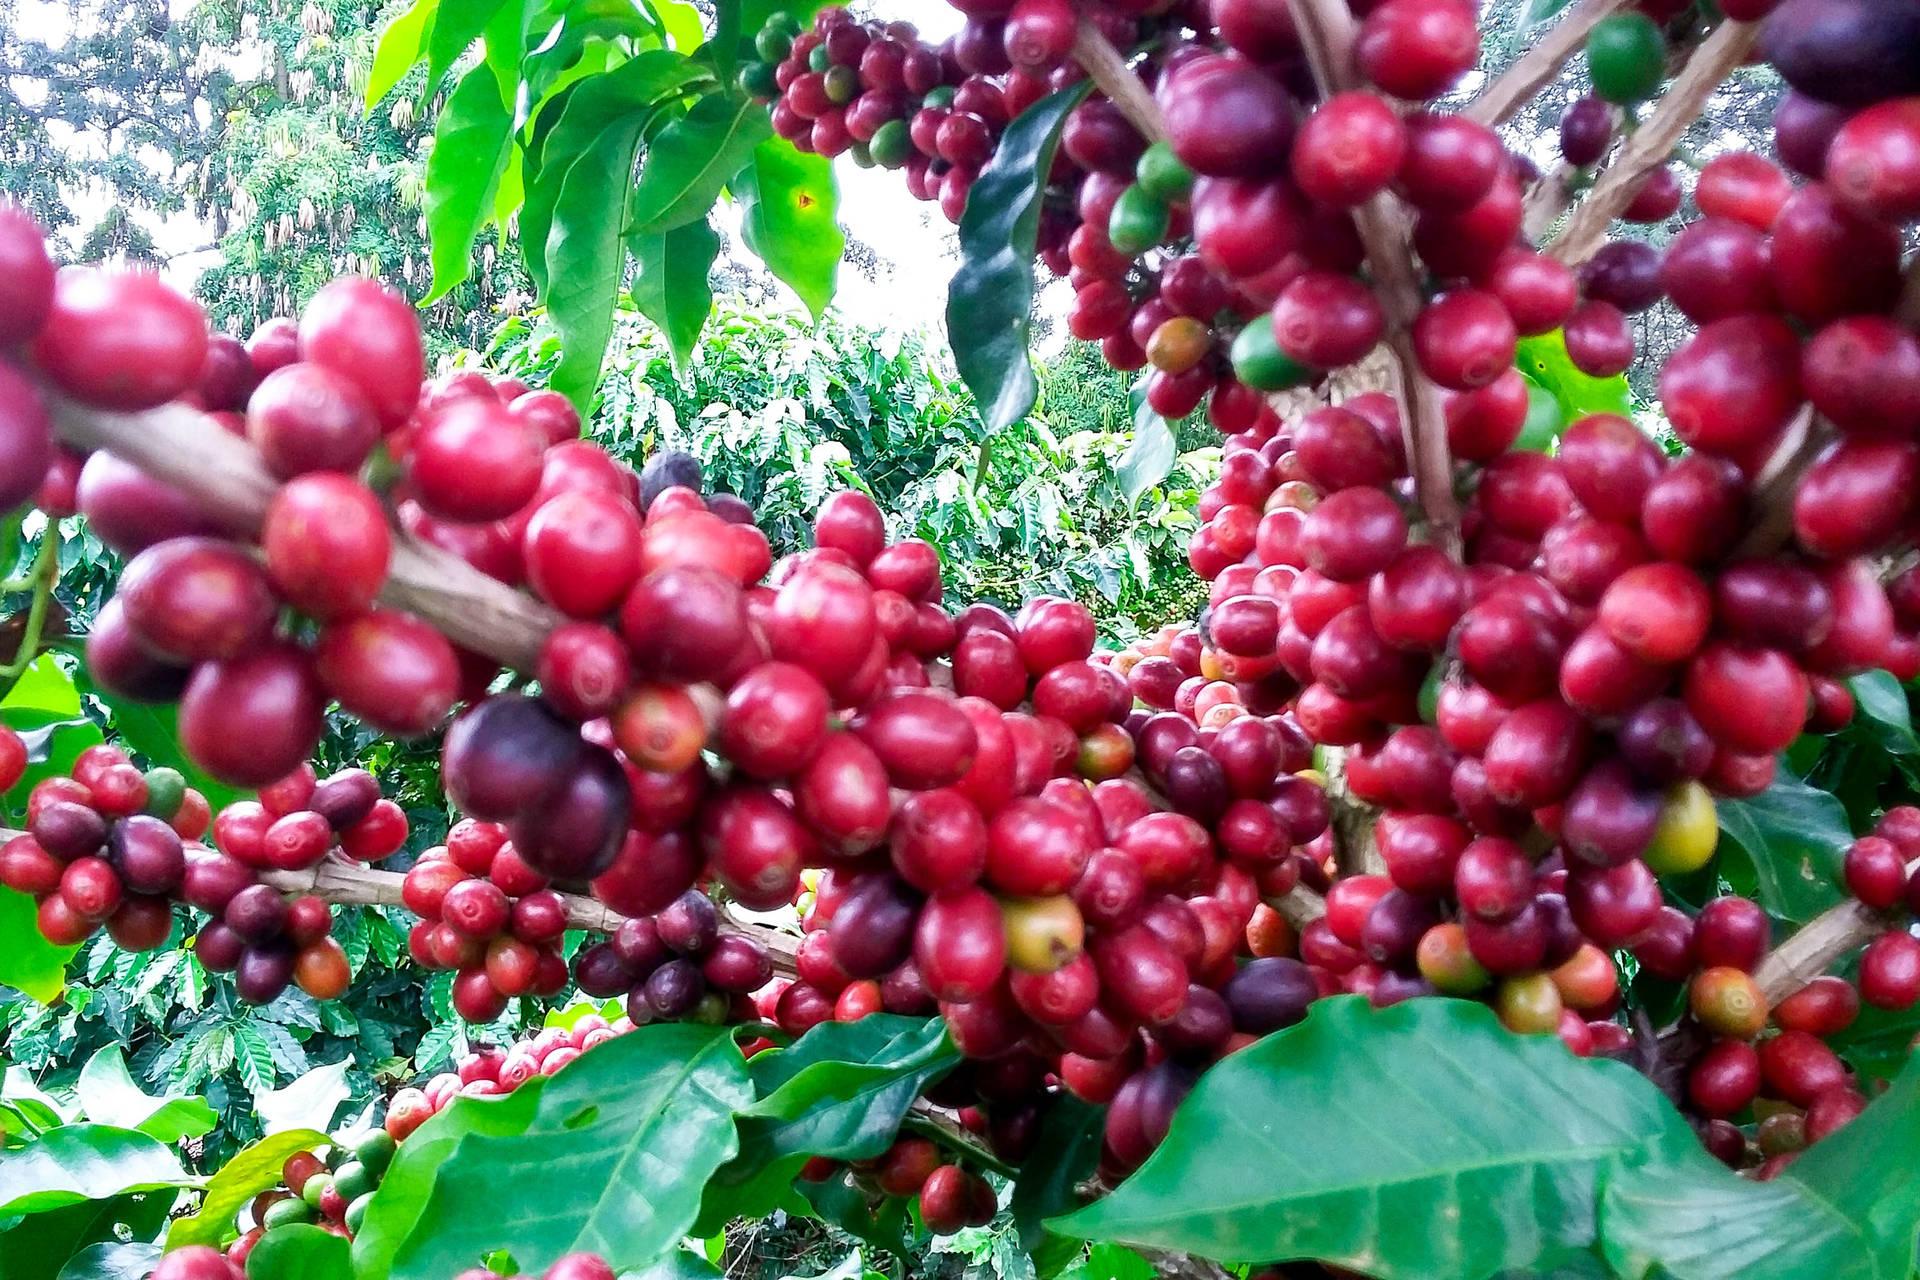 A recomendação aos produtores que amontoaram terra no tronco dos cafeeiros é retirar imediatamente a proteção, procedimento que deve ser feito com as mãos para evitar danos às plantas